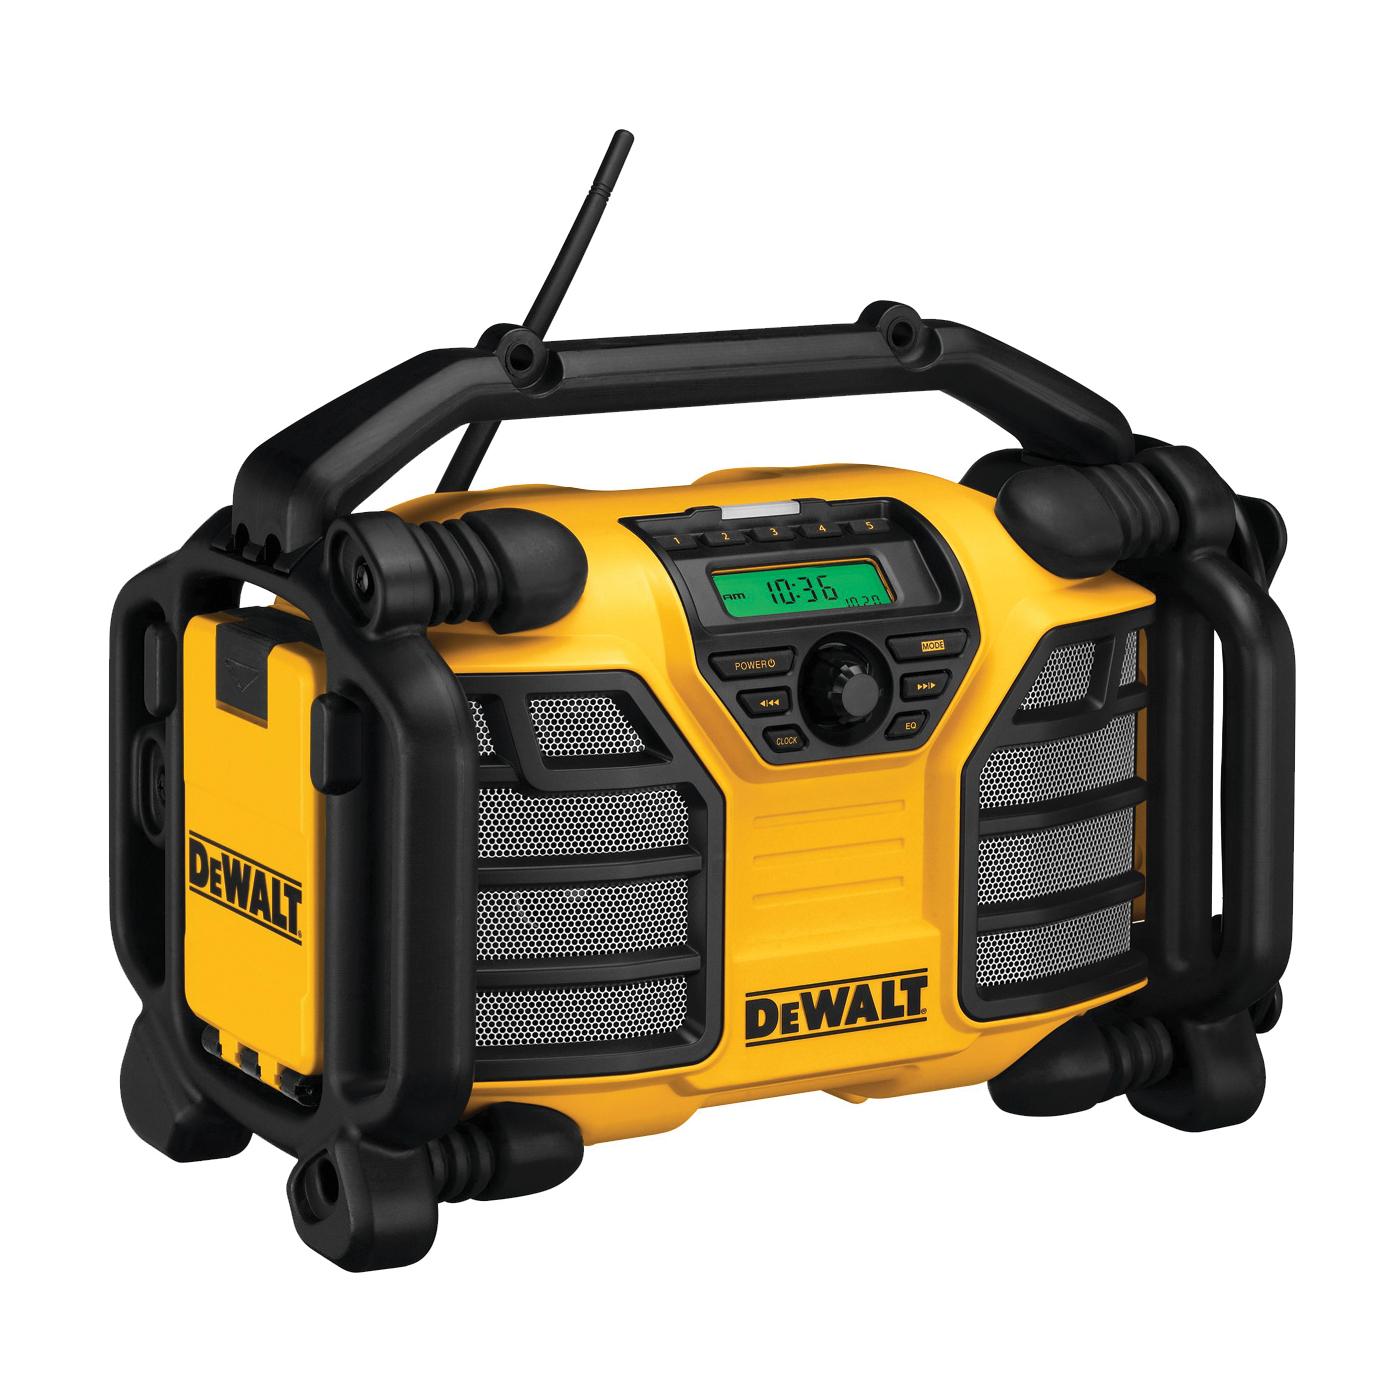 Picture of DeWALT DCR015 Worksite Charger/Radio, 12, 20 V Battery, 3 Ah